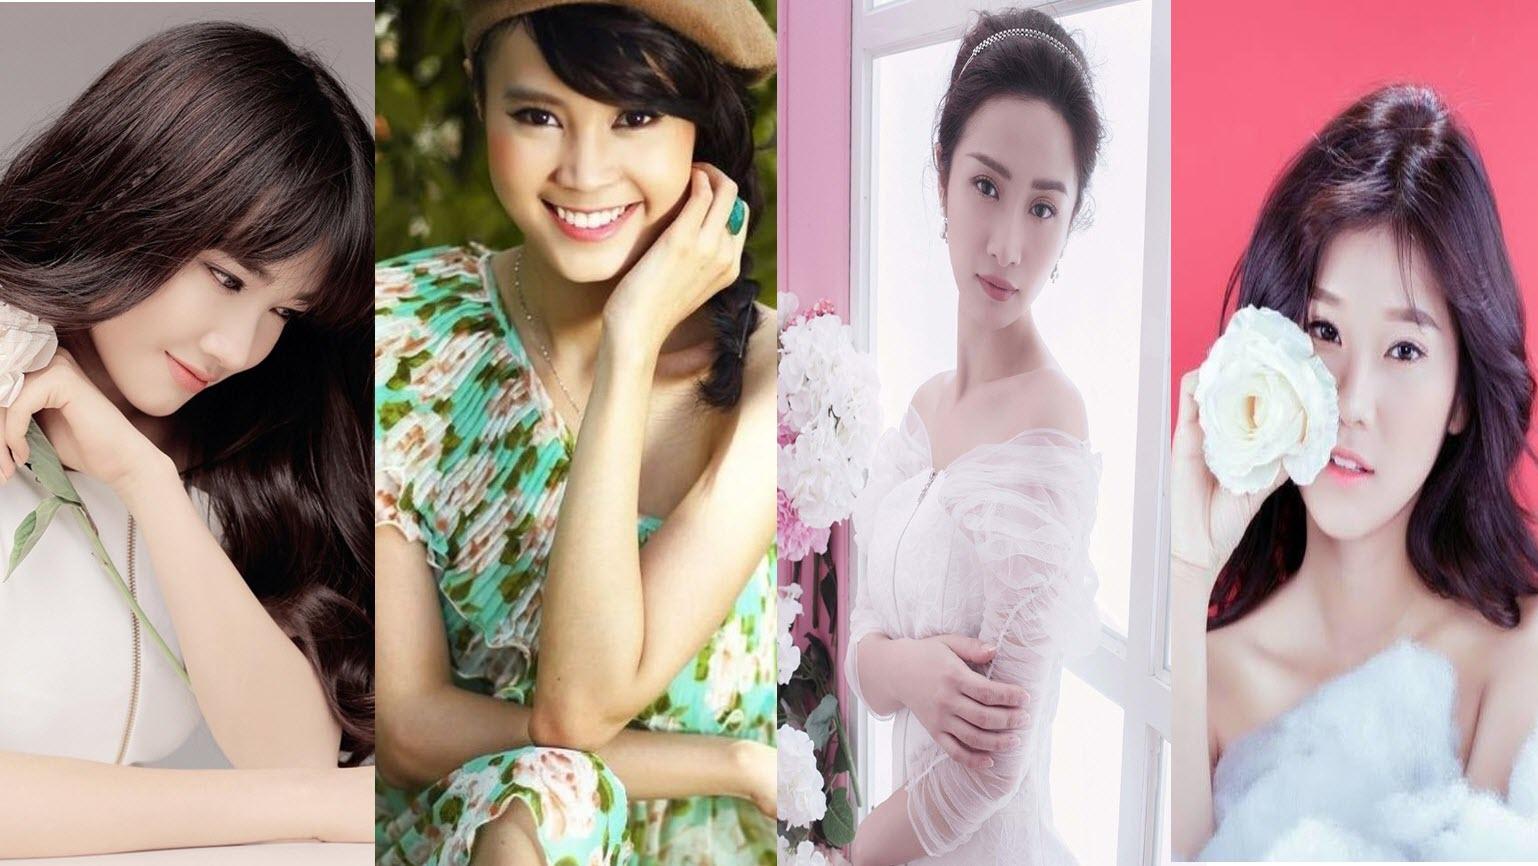 4 sao nữ trẻ xứng đáng với danh hiệu 'Tình đầu quốc dân' của màn ảnh Việt